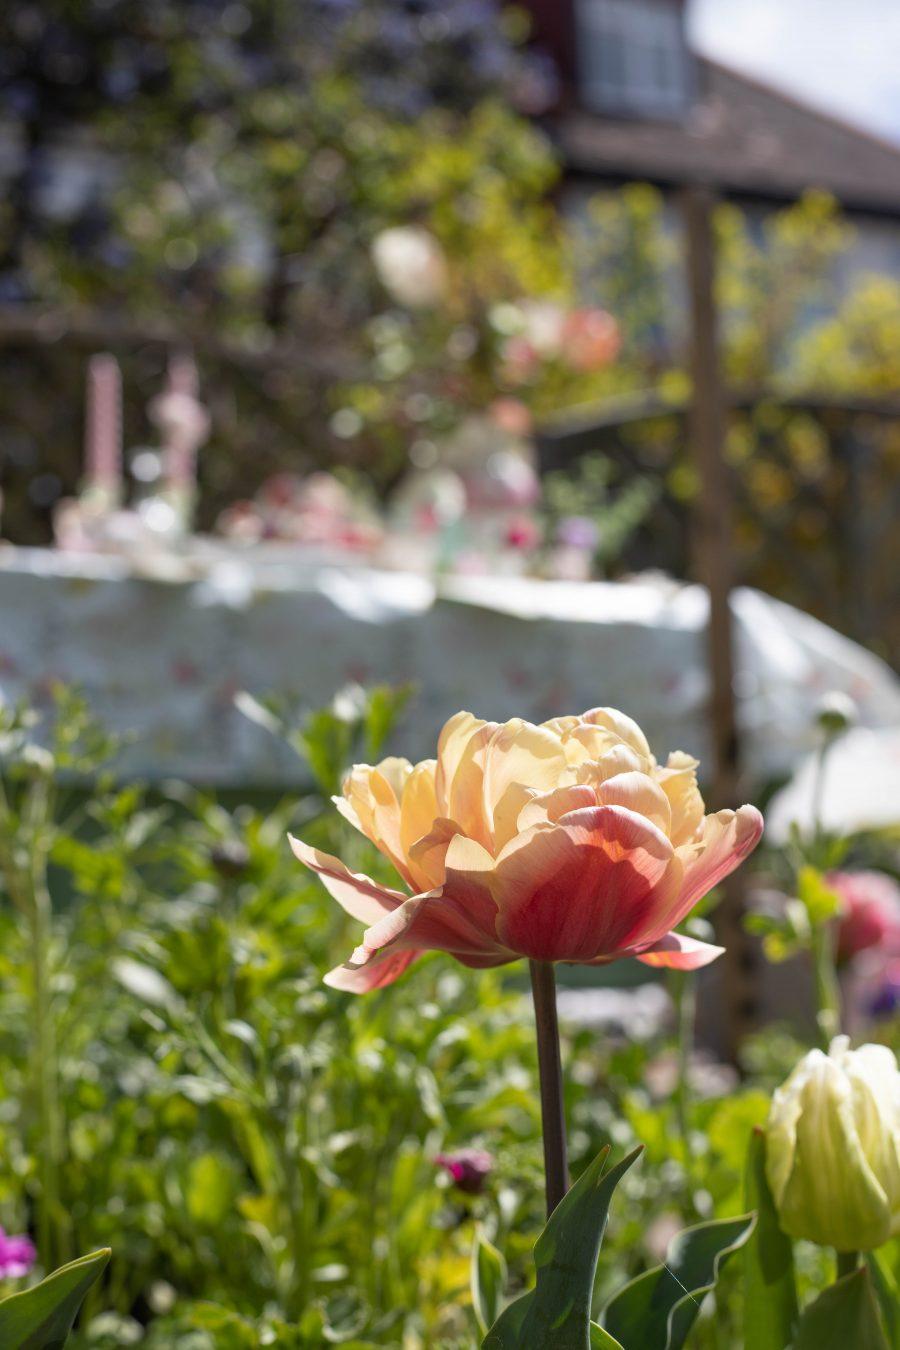 Tea_Party_in_the_garden